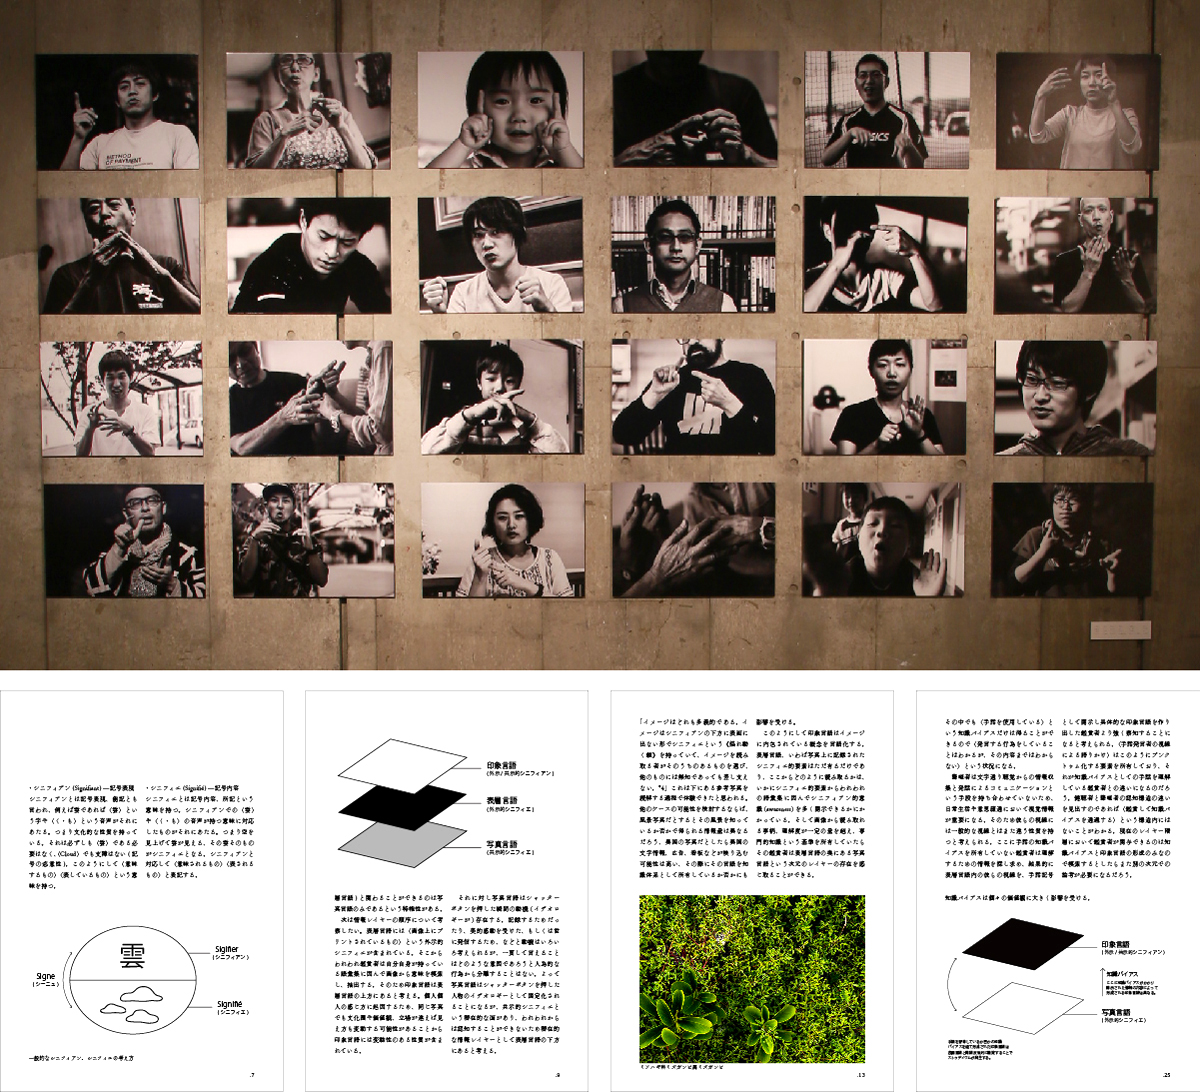 [髙橋 秋智] 『ことばと眼球 ー写真表現における情報レイヤー階層の研究ー からだのコトバ(写真集、論考のタイトル)』